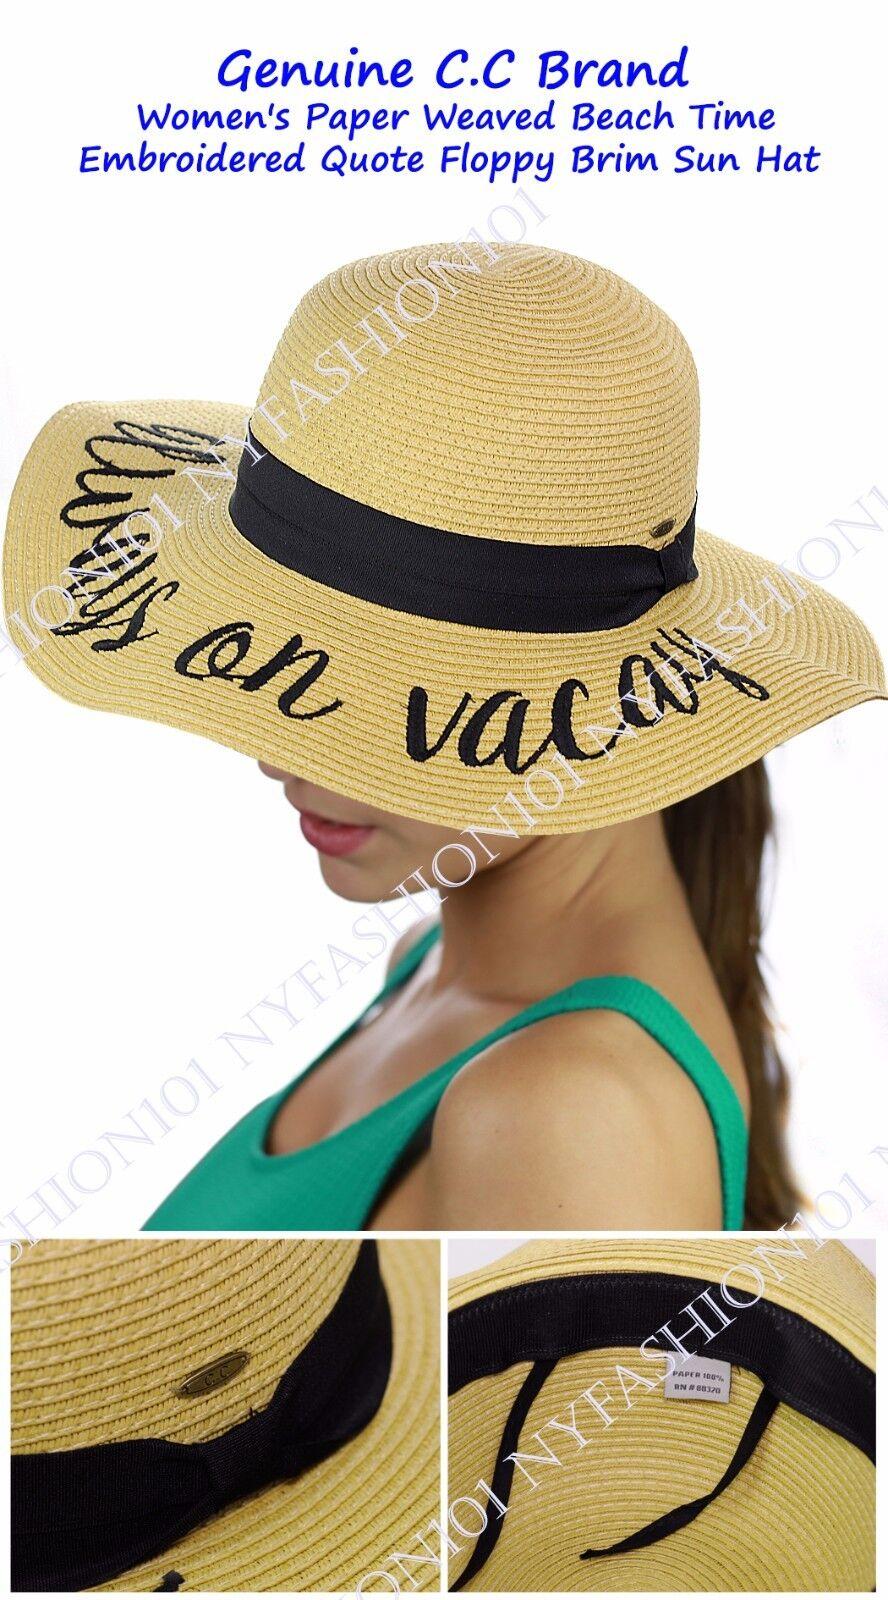 ! nuevo! CC Mujer papel Tejida De Playa Tiempo Bordado cita disquete ala CC Sol Sombrero